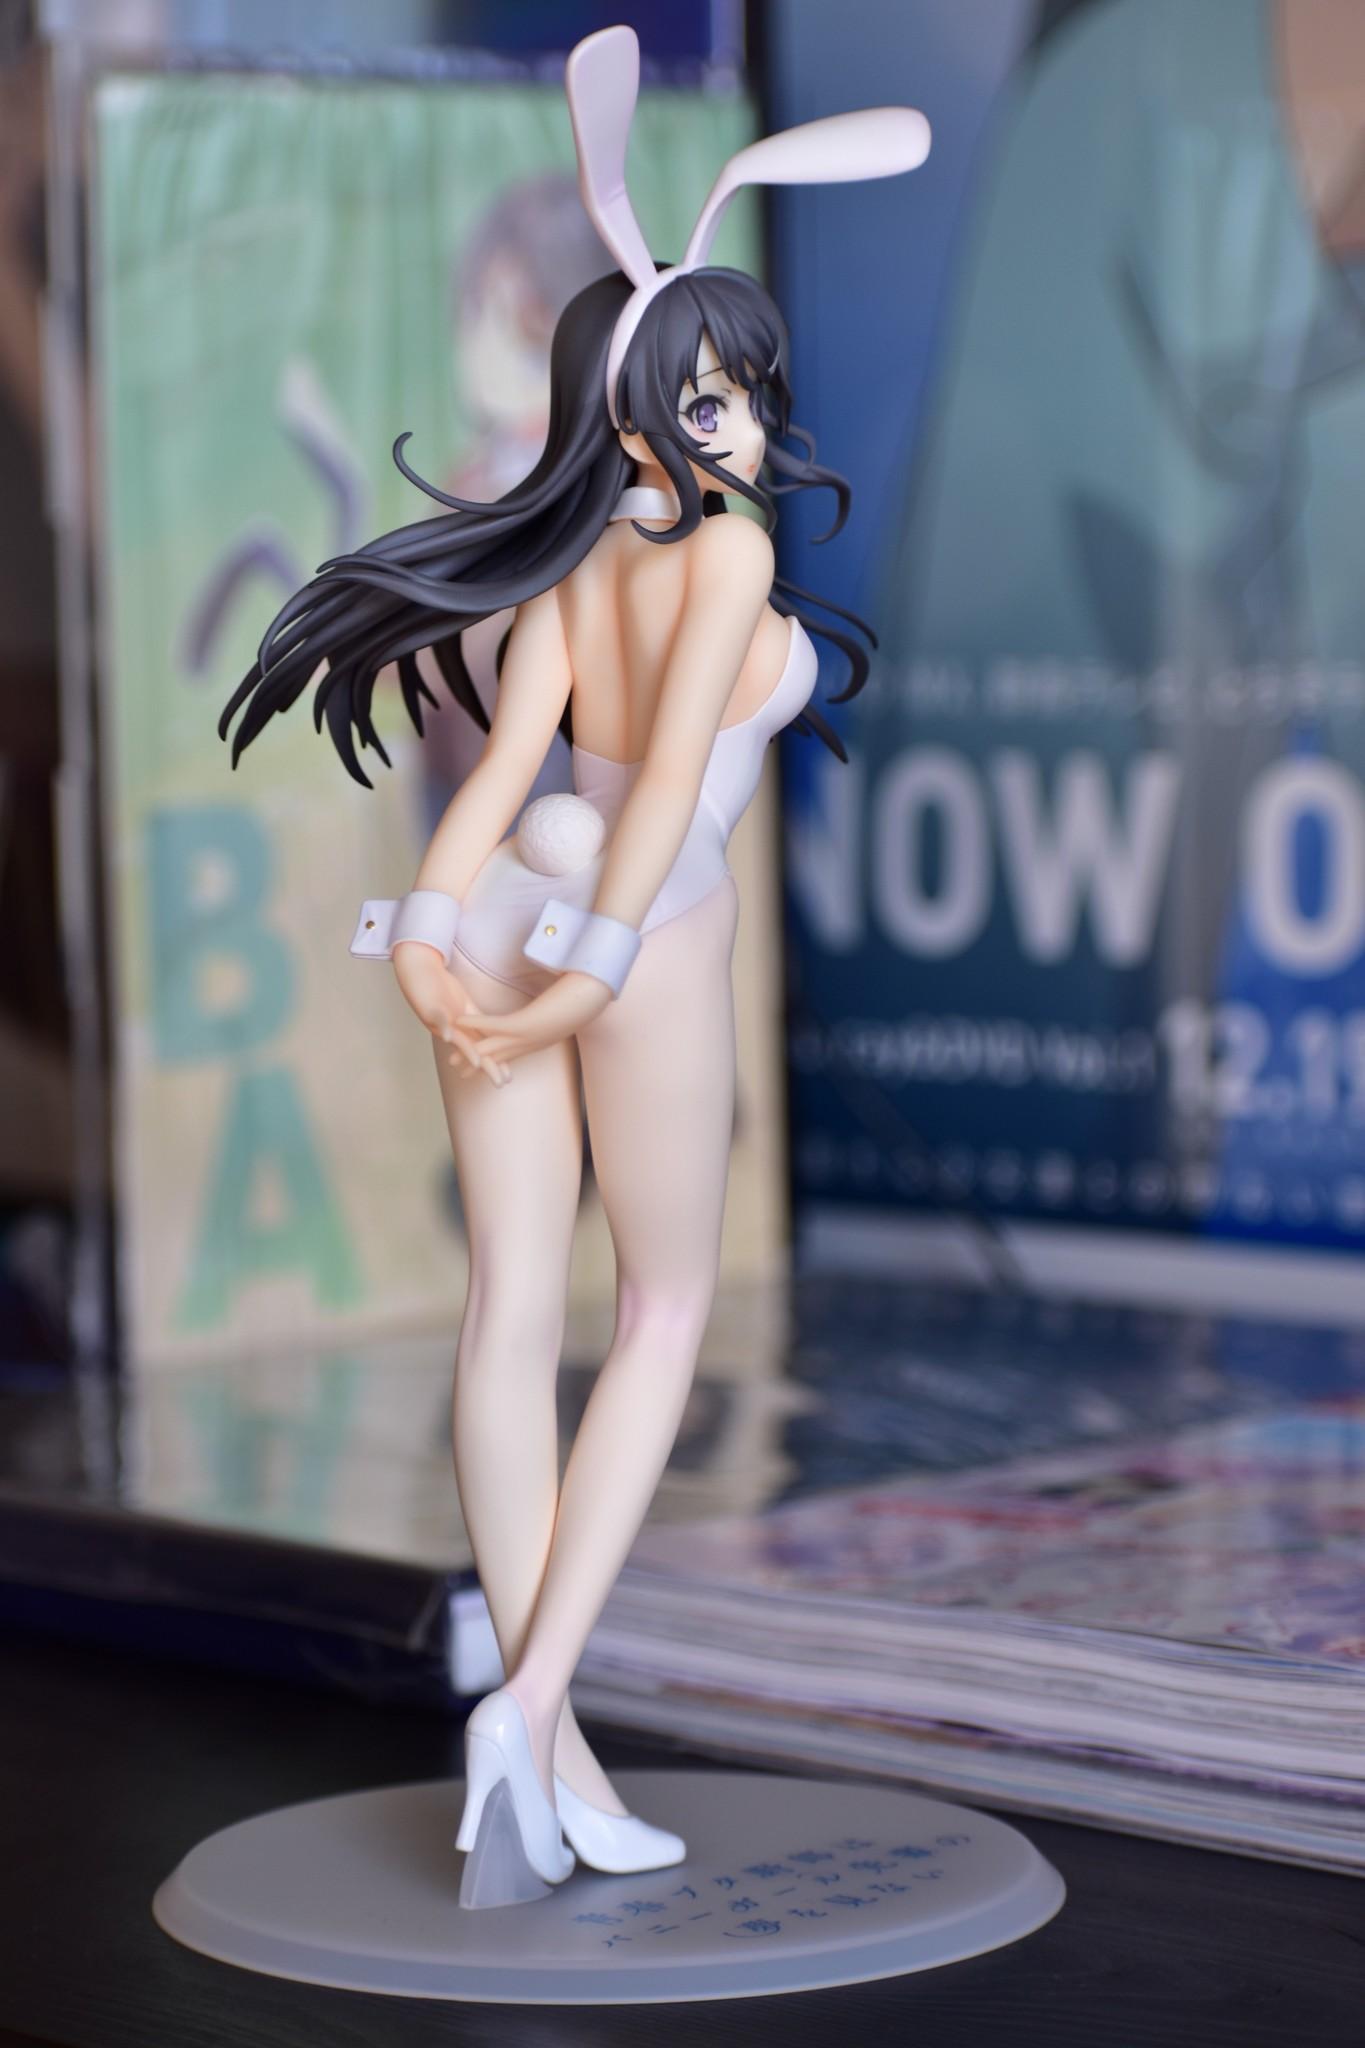 Sakurajima Mai - White Bunny Girl ver. Seishun Buta Yarou wa Bunny Girl Senpai no Yume wo Minai